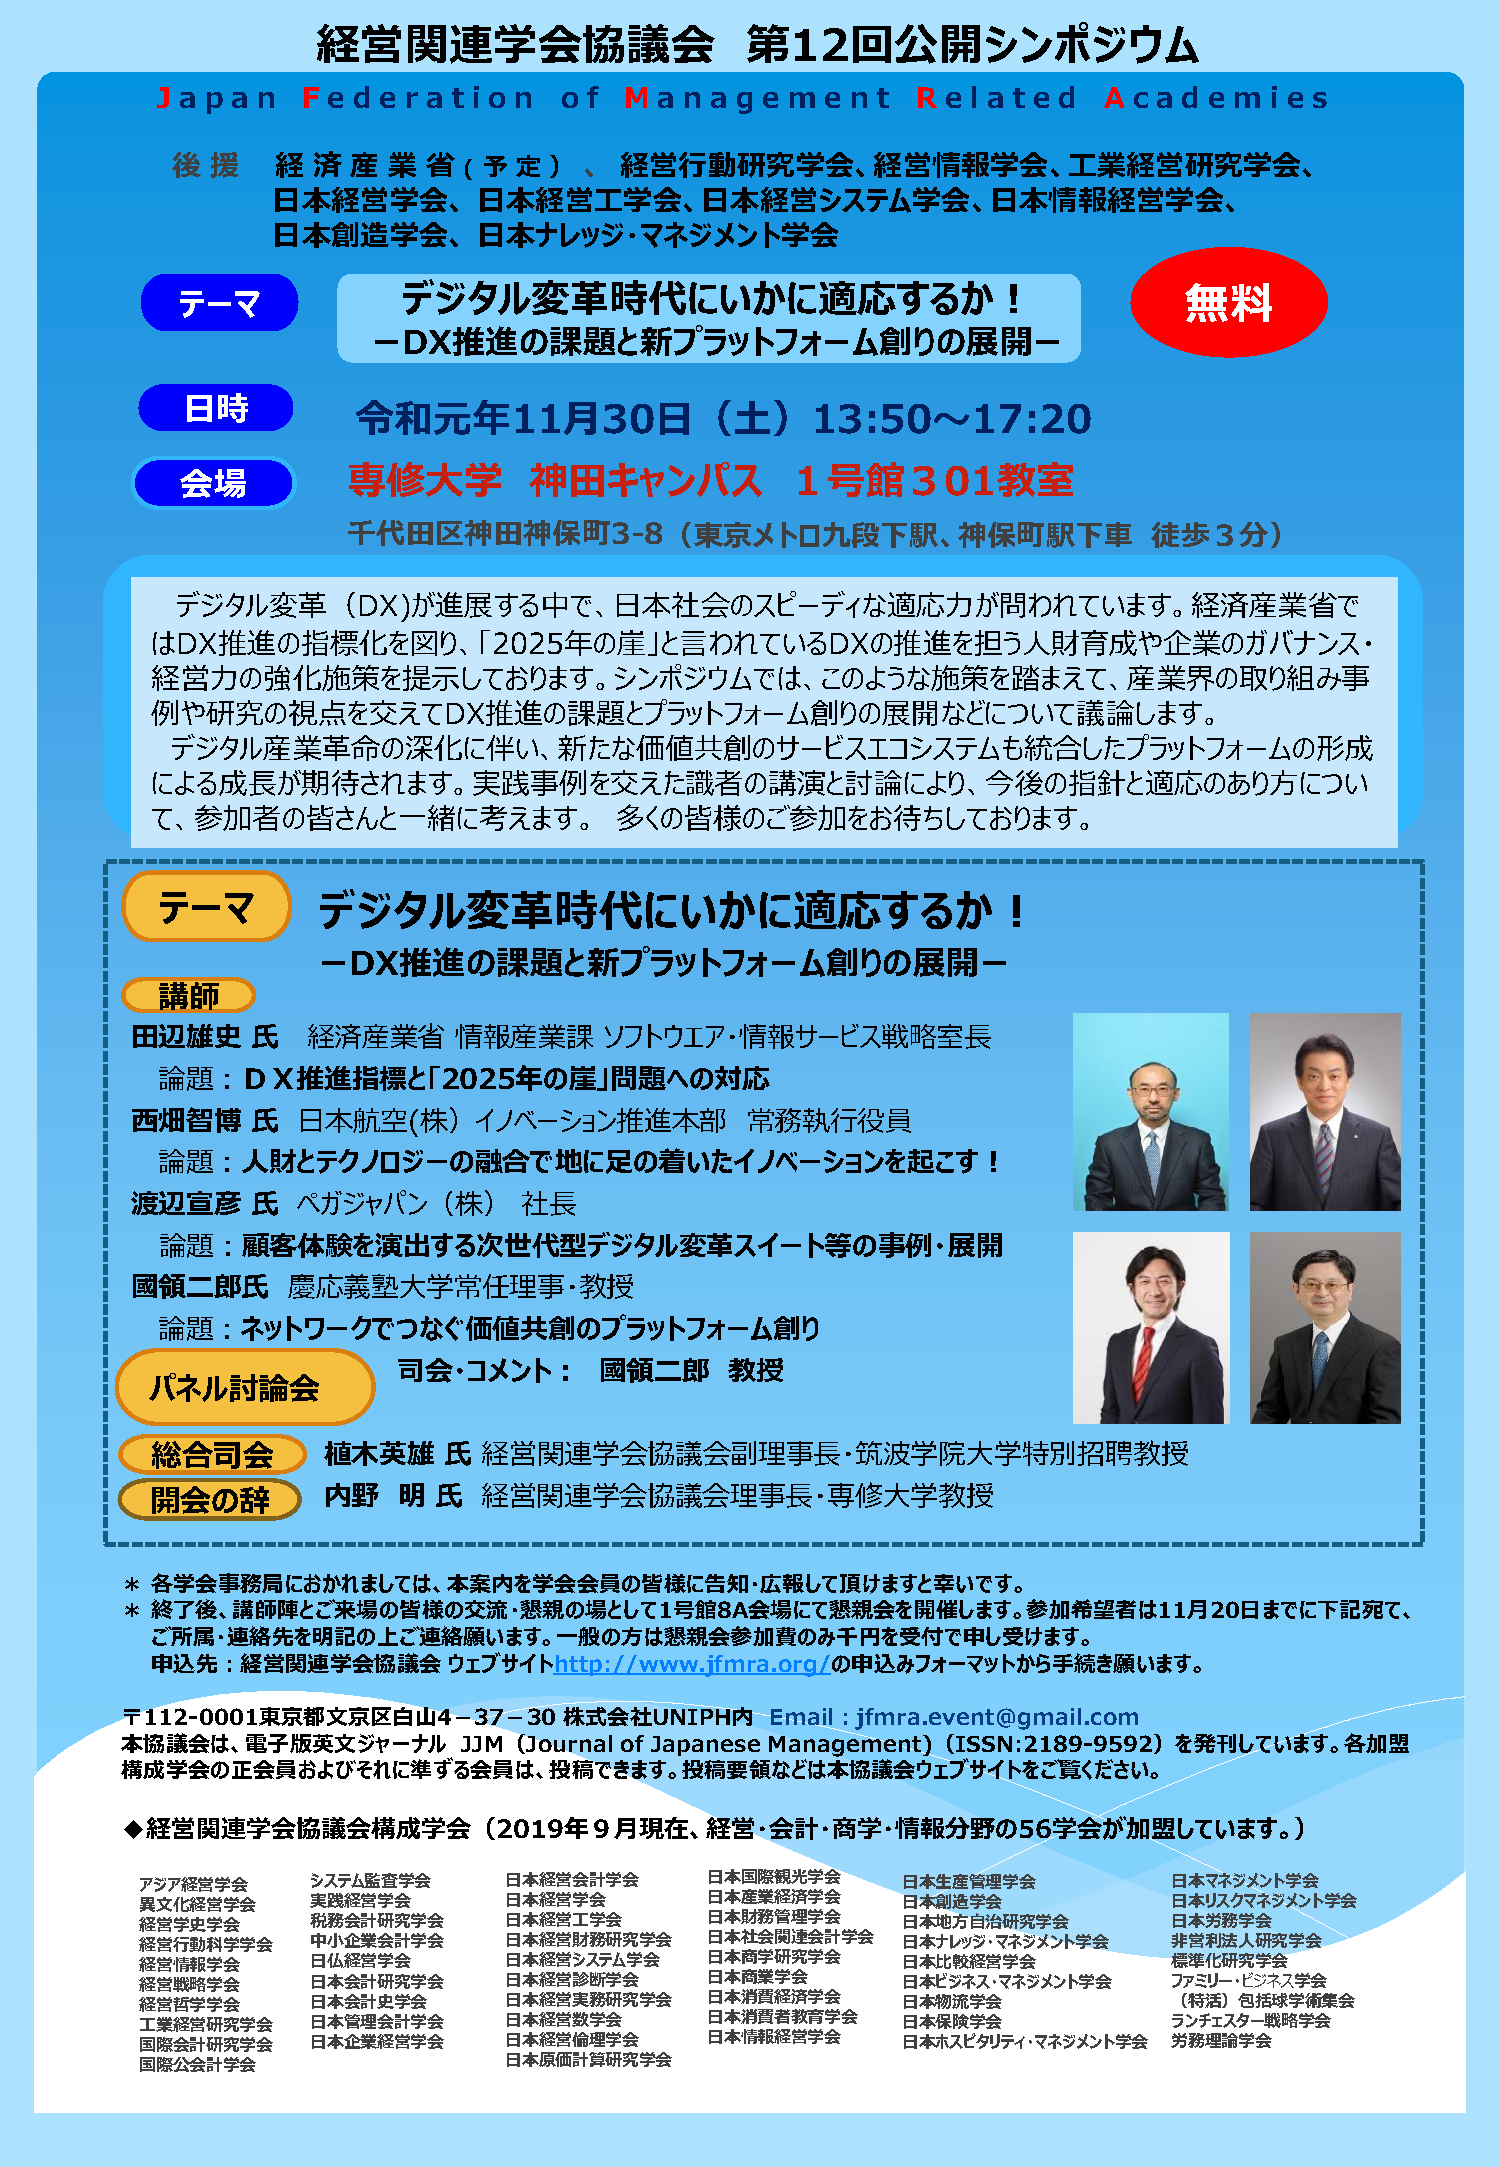 2019年11月30日(土)第12回公開シンポジウム